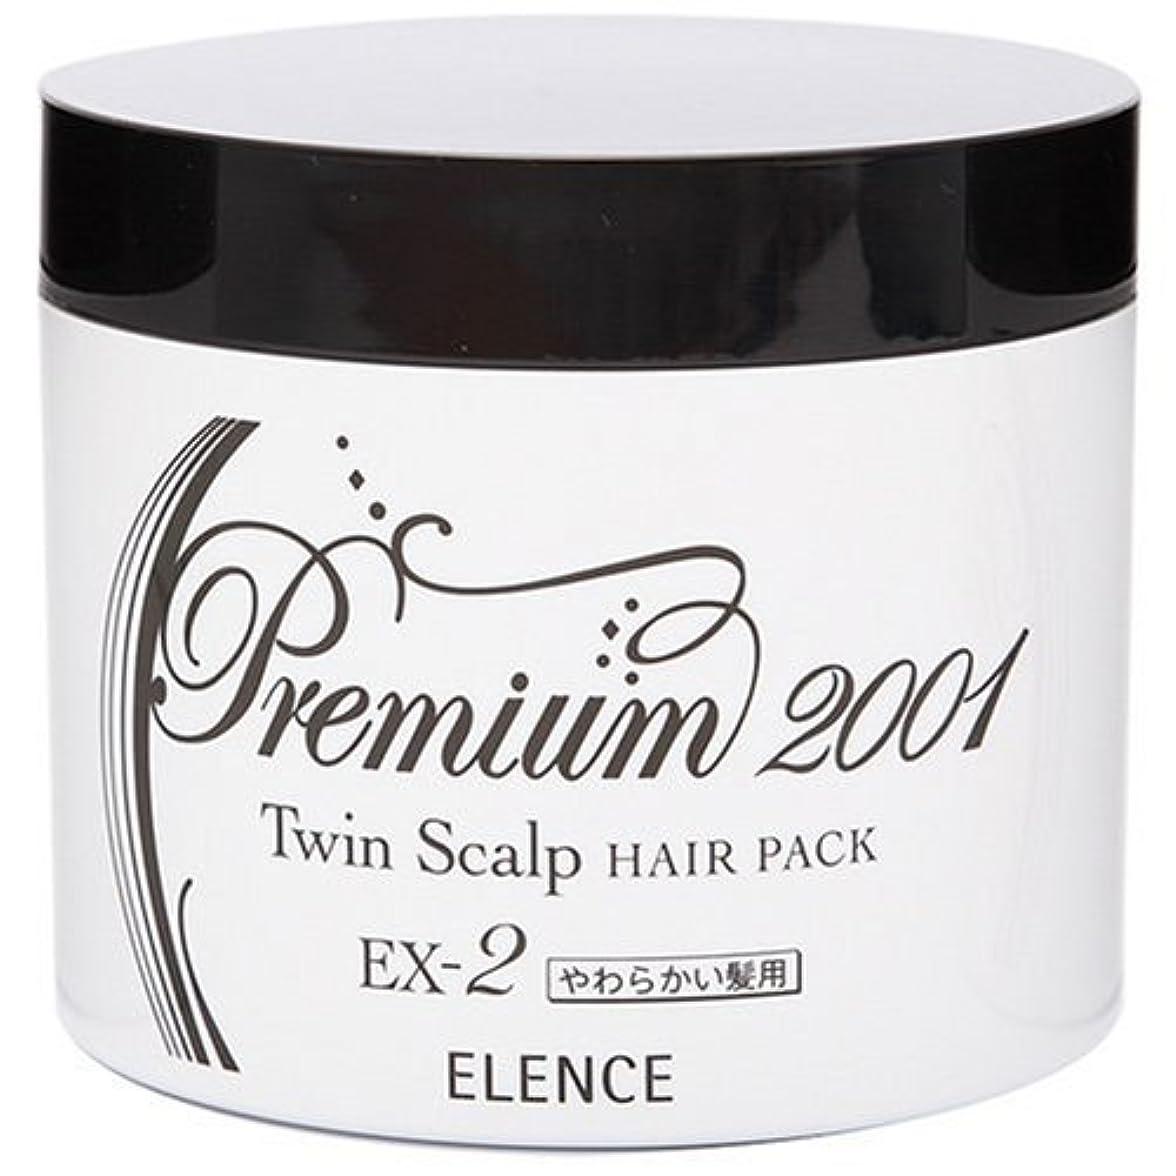 再生現金アークエレンス2001 ツインスキャルプヘアパックEX-2(やわらかい髪用)